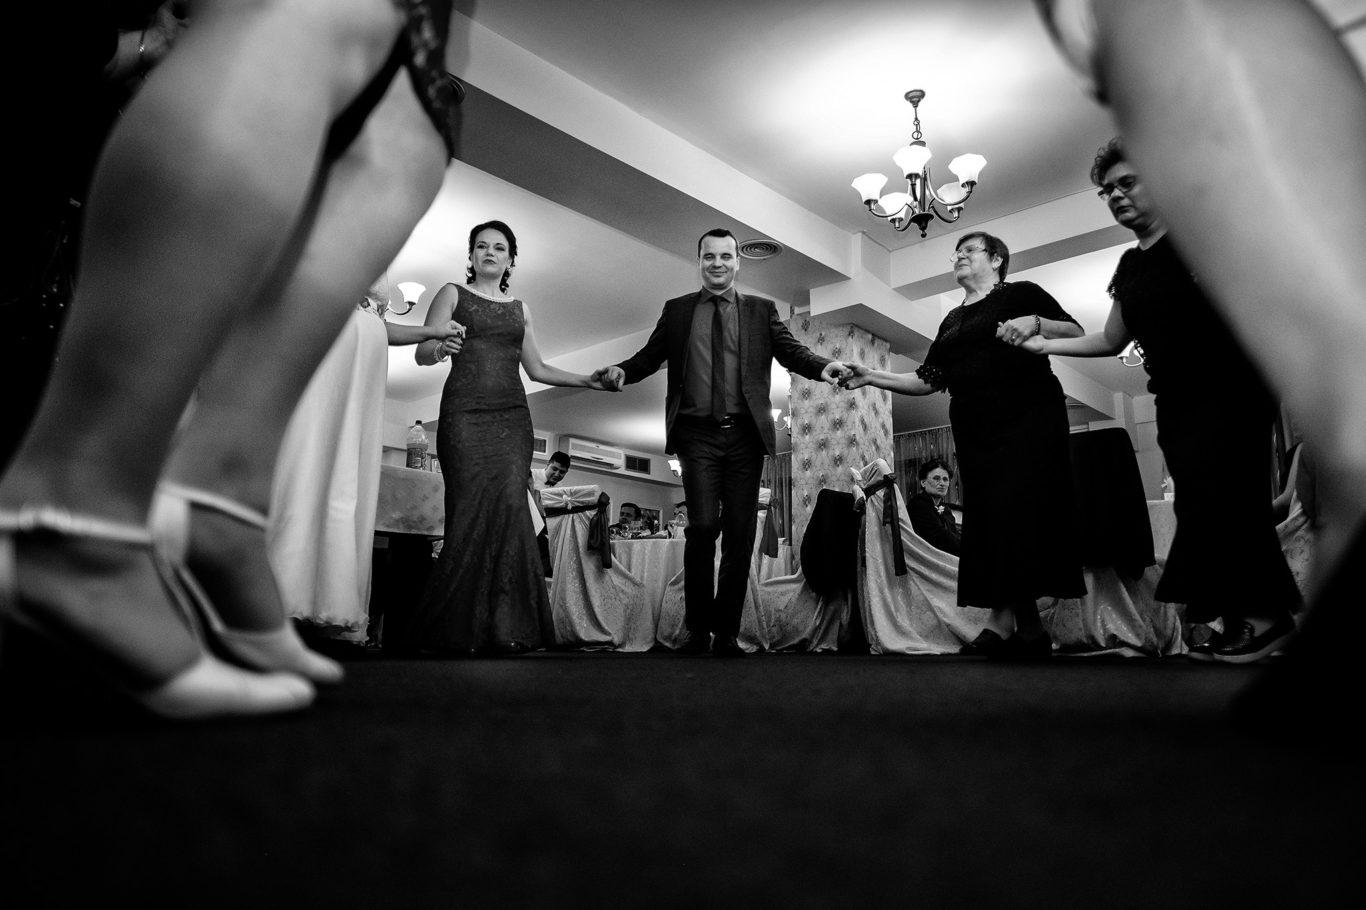 0389-Fotografie-nunta-Flory-Cristi-fotograf-Ciprian-Dumitrescu-DSCF9379